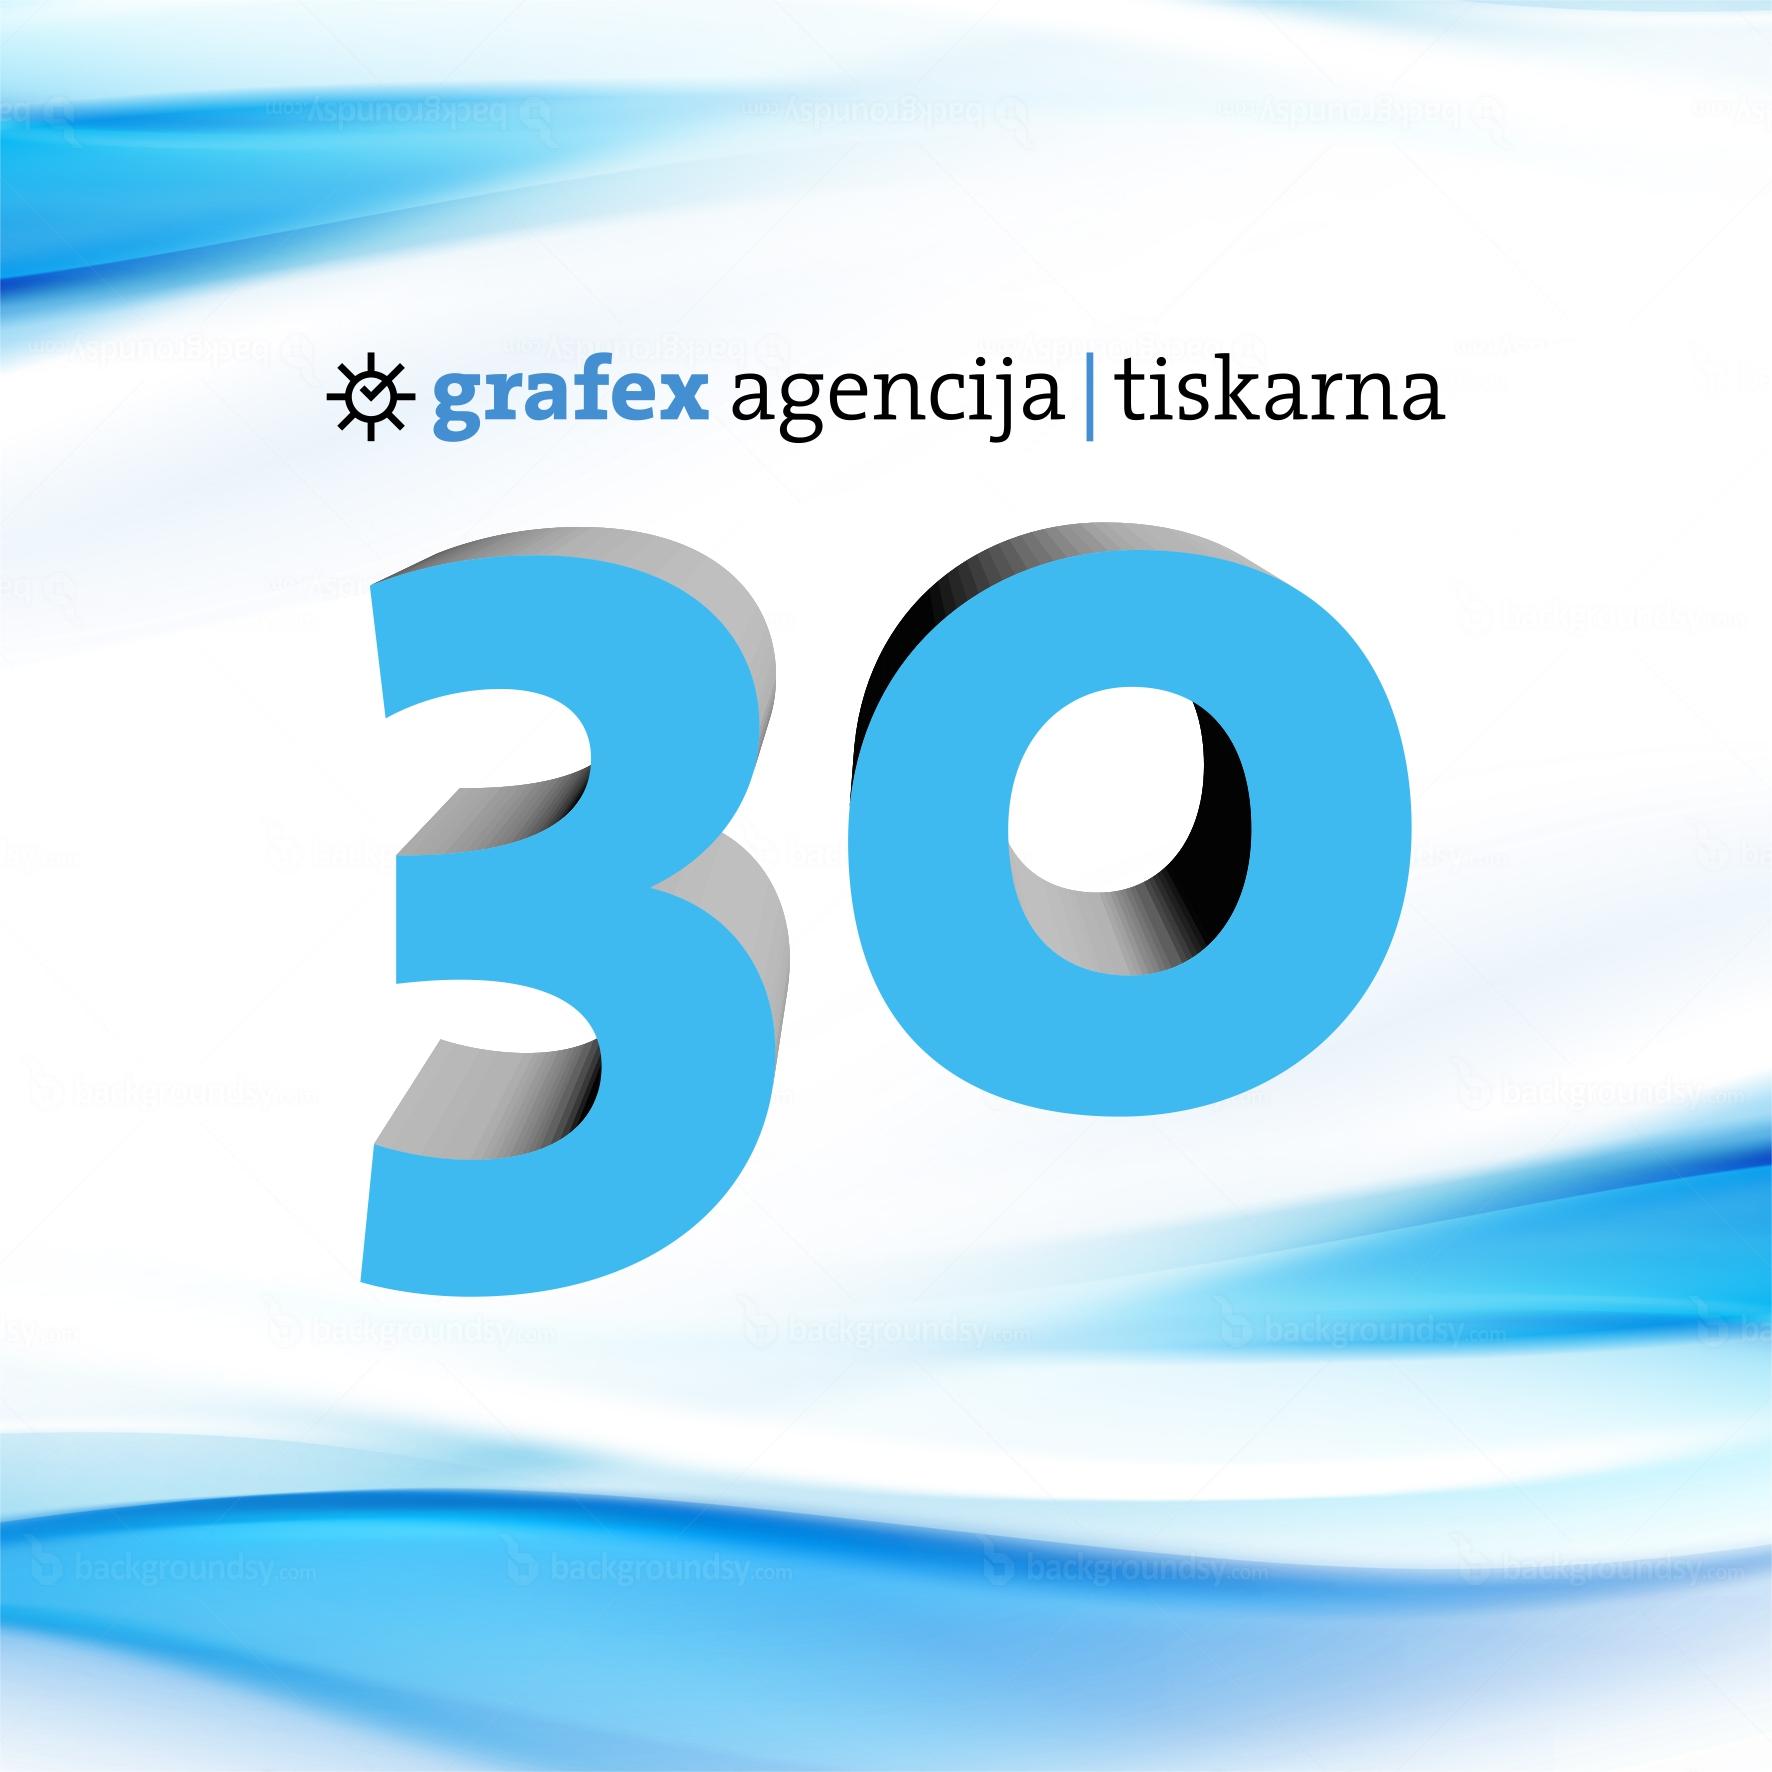 Grafex agencija | tiskarna praznuje 30 let